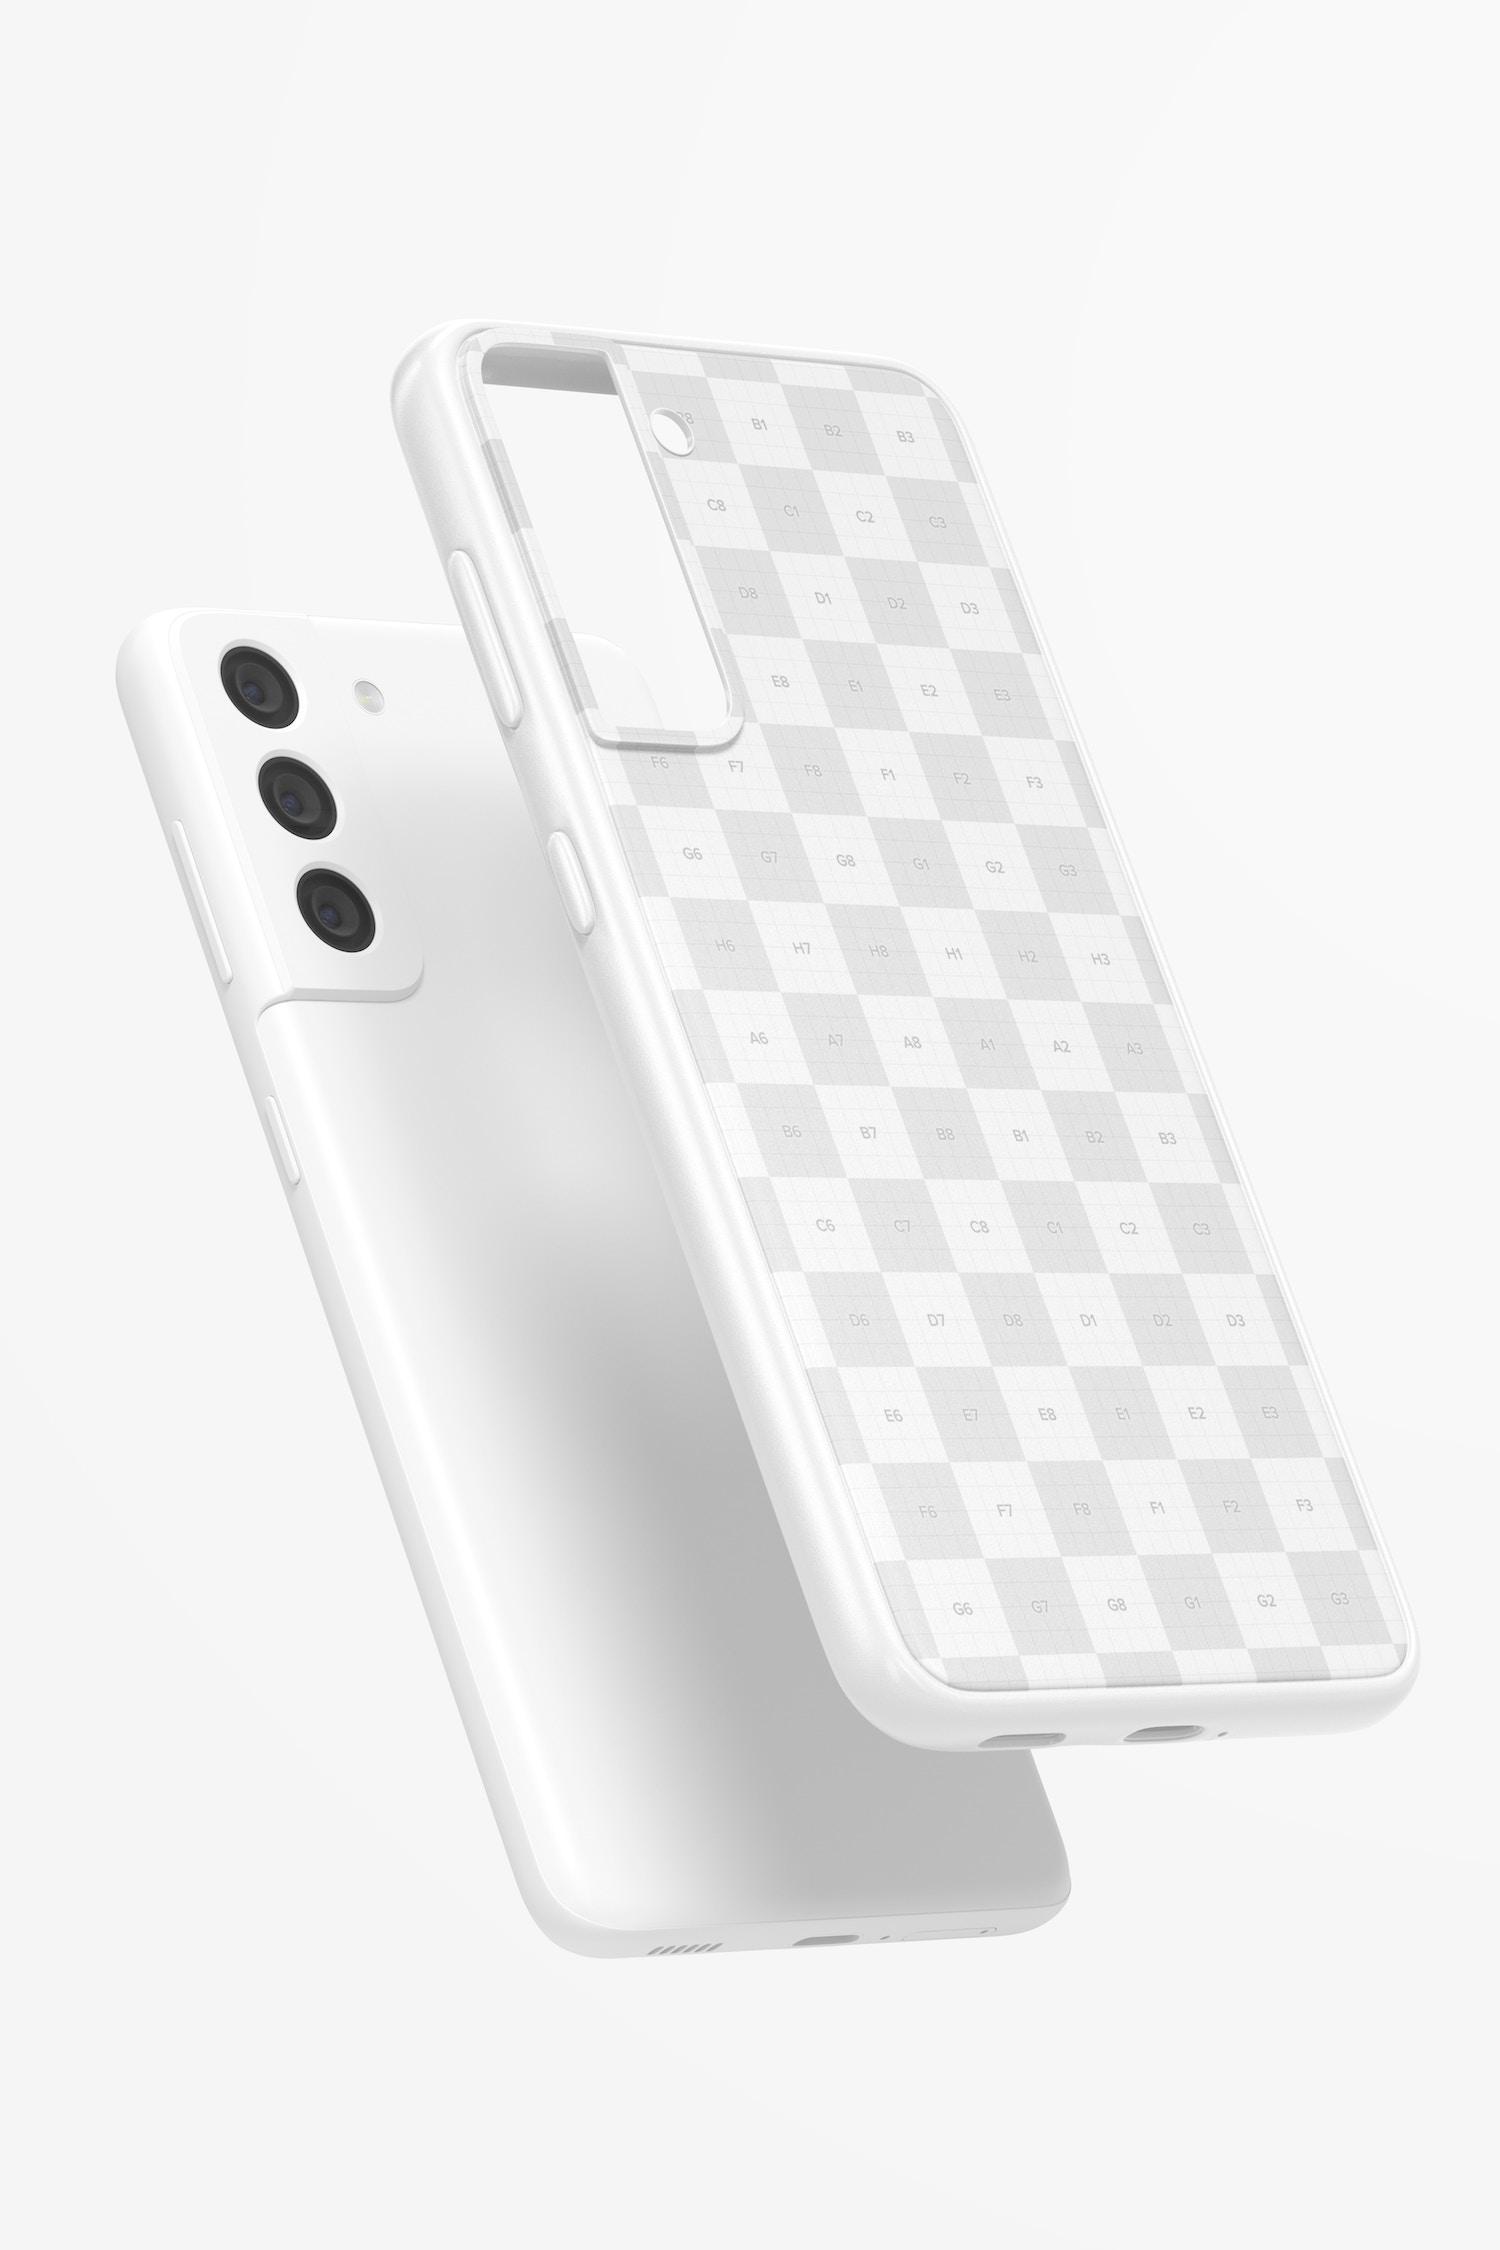 Samsung S21 Case Mockup, Floating